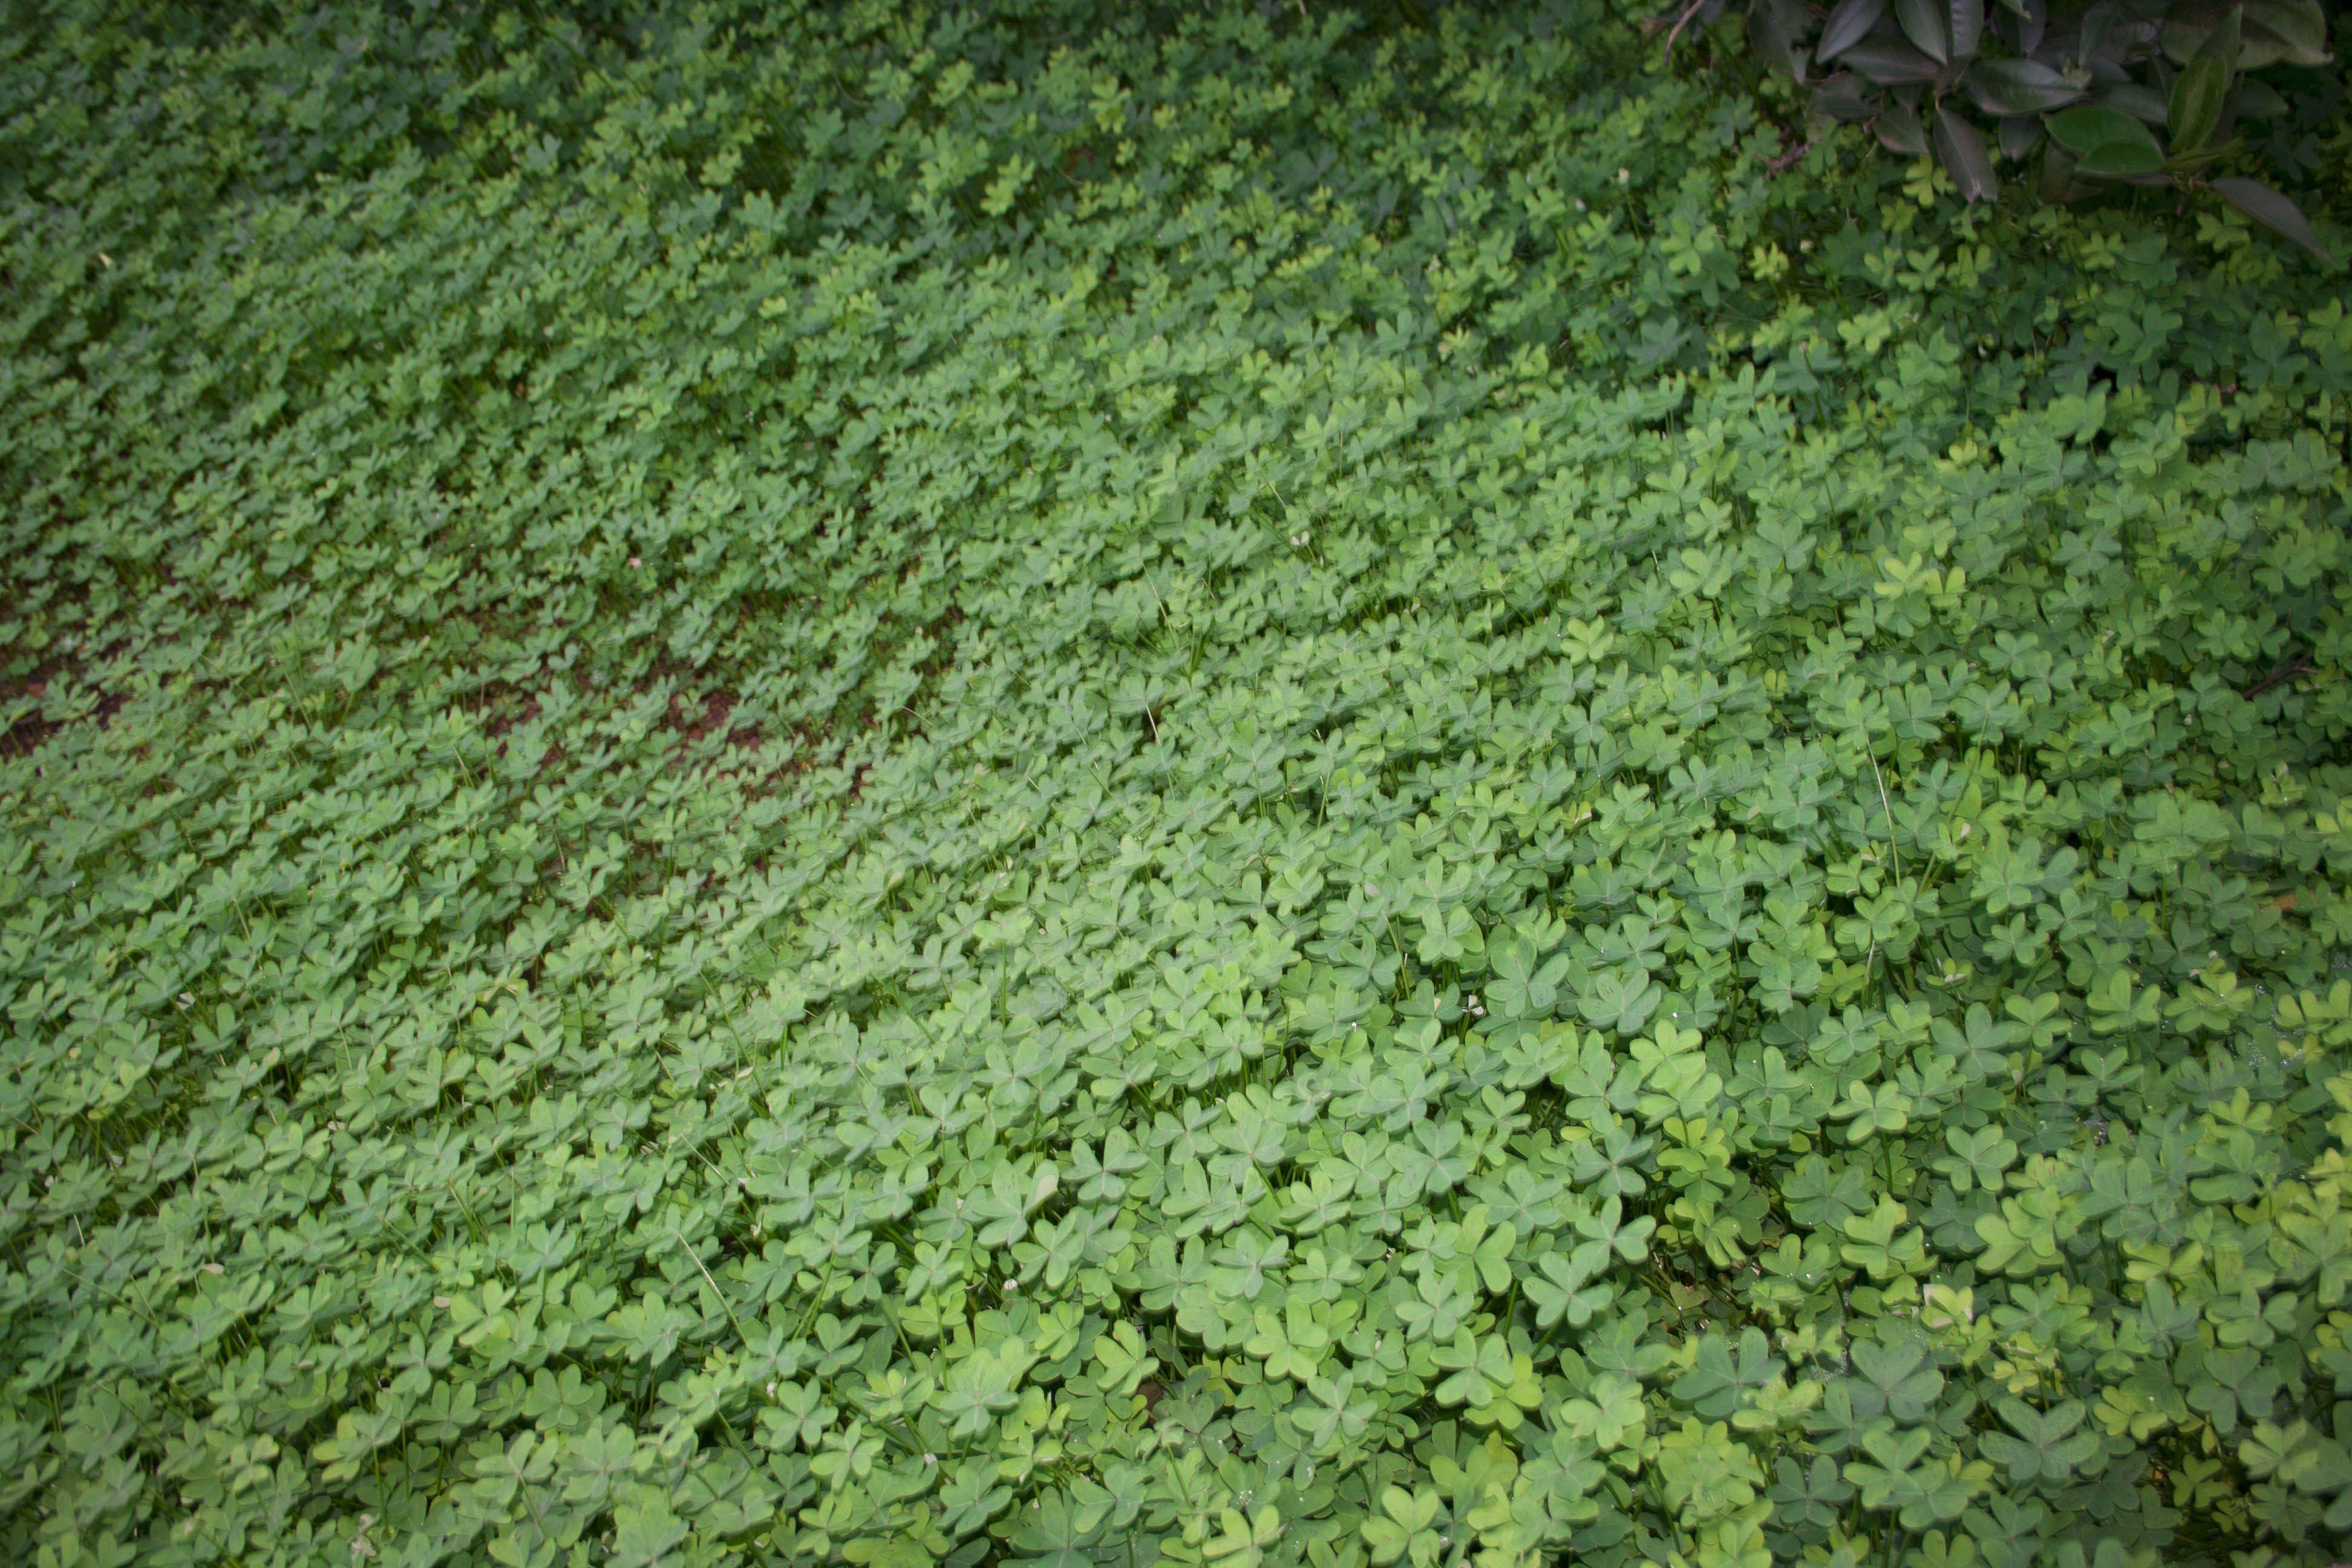 En muchos campos de la zona suelen dejar crecer els agrets una planta herb cea que permite - Paisajismo valencia ...